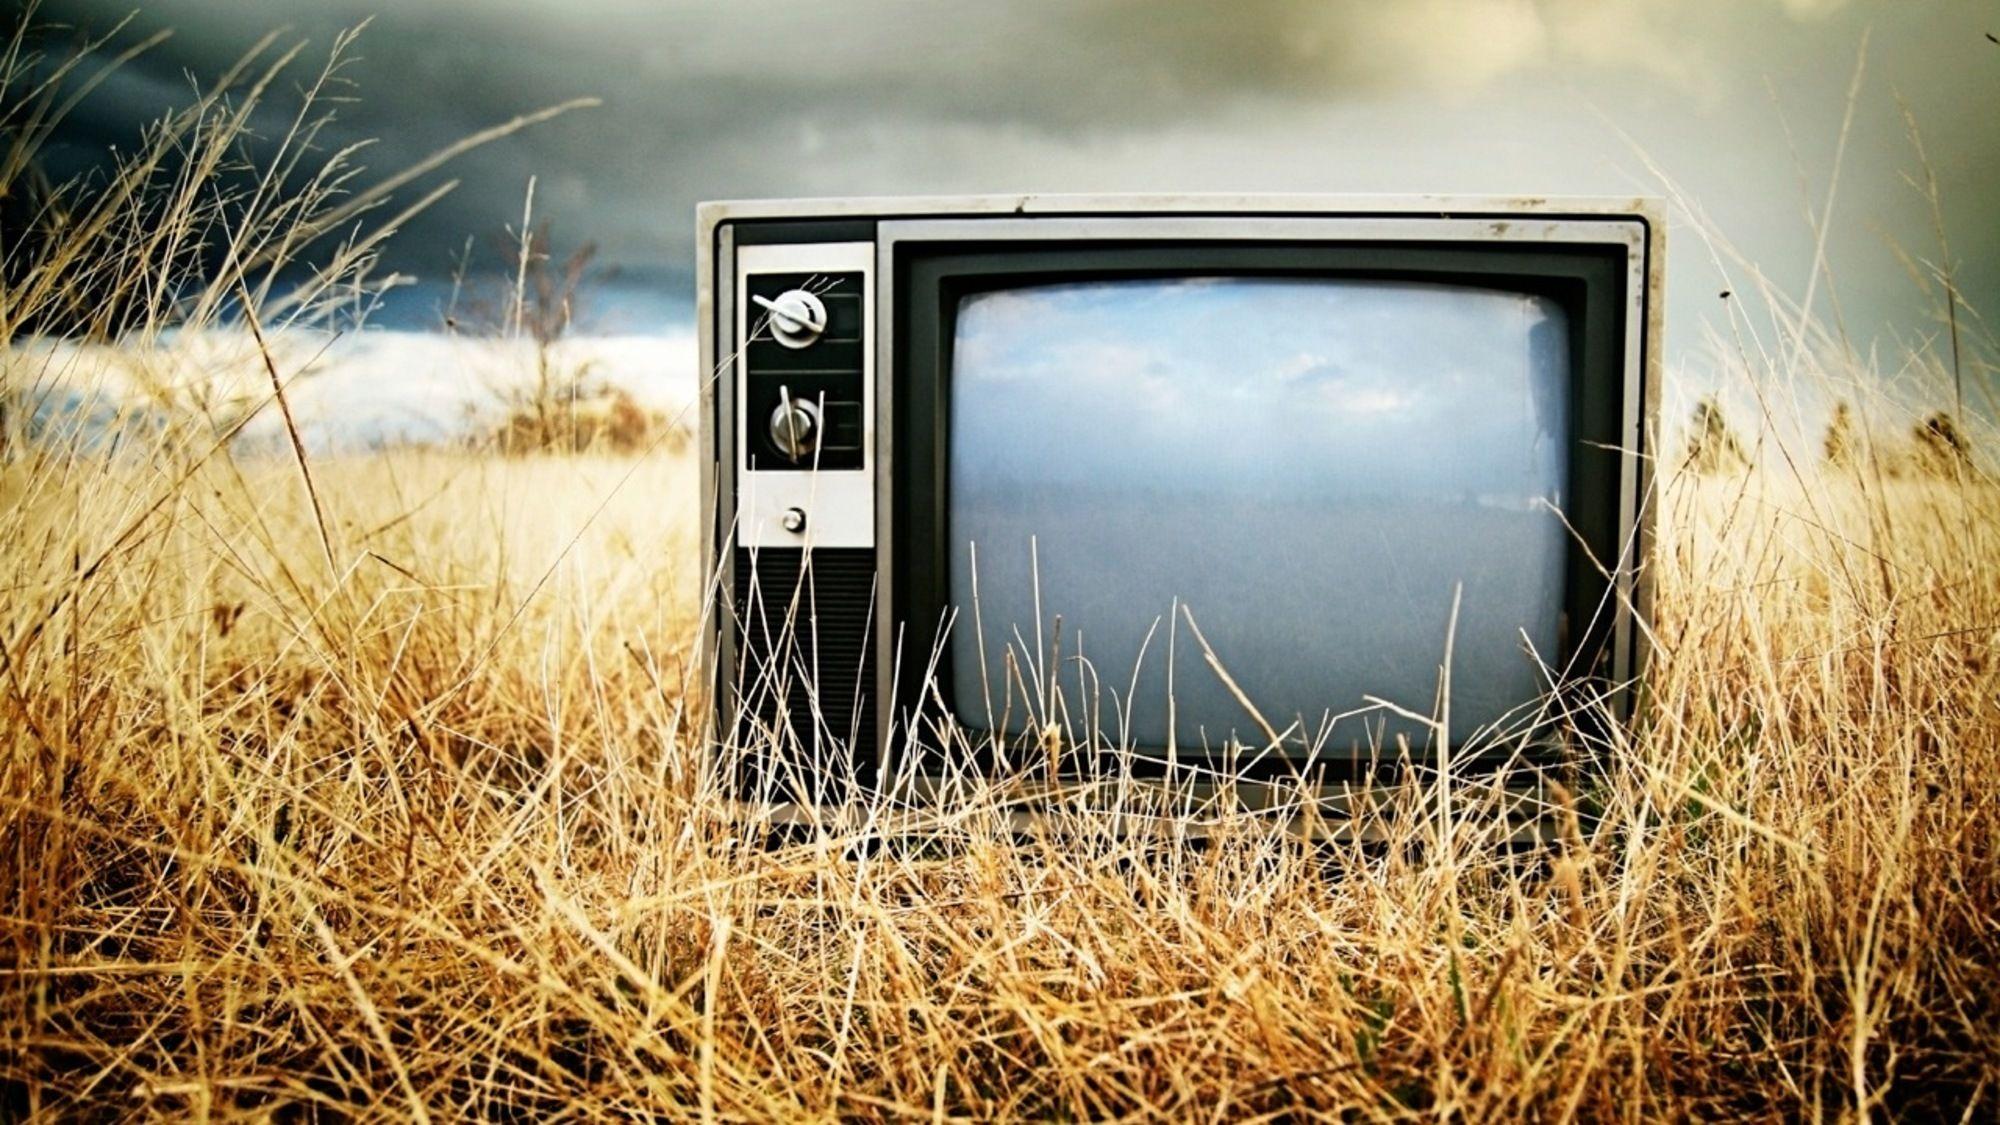 Мобілізація 5 каналу. Про що говорили й кого піарили теленовини у травні 2020 року